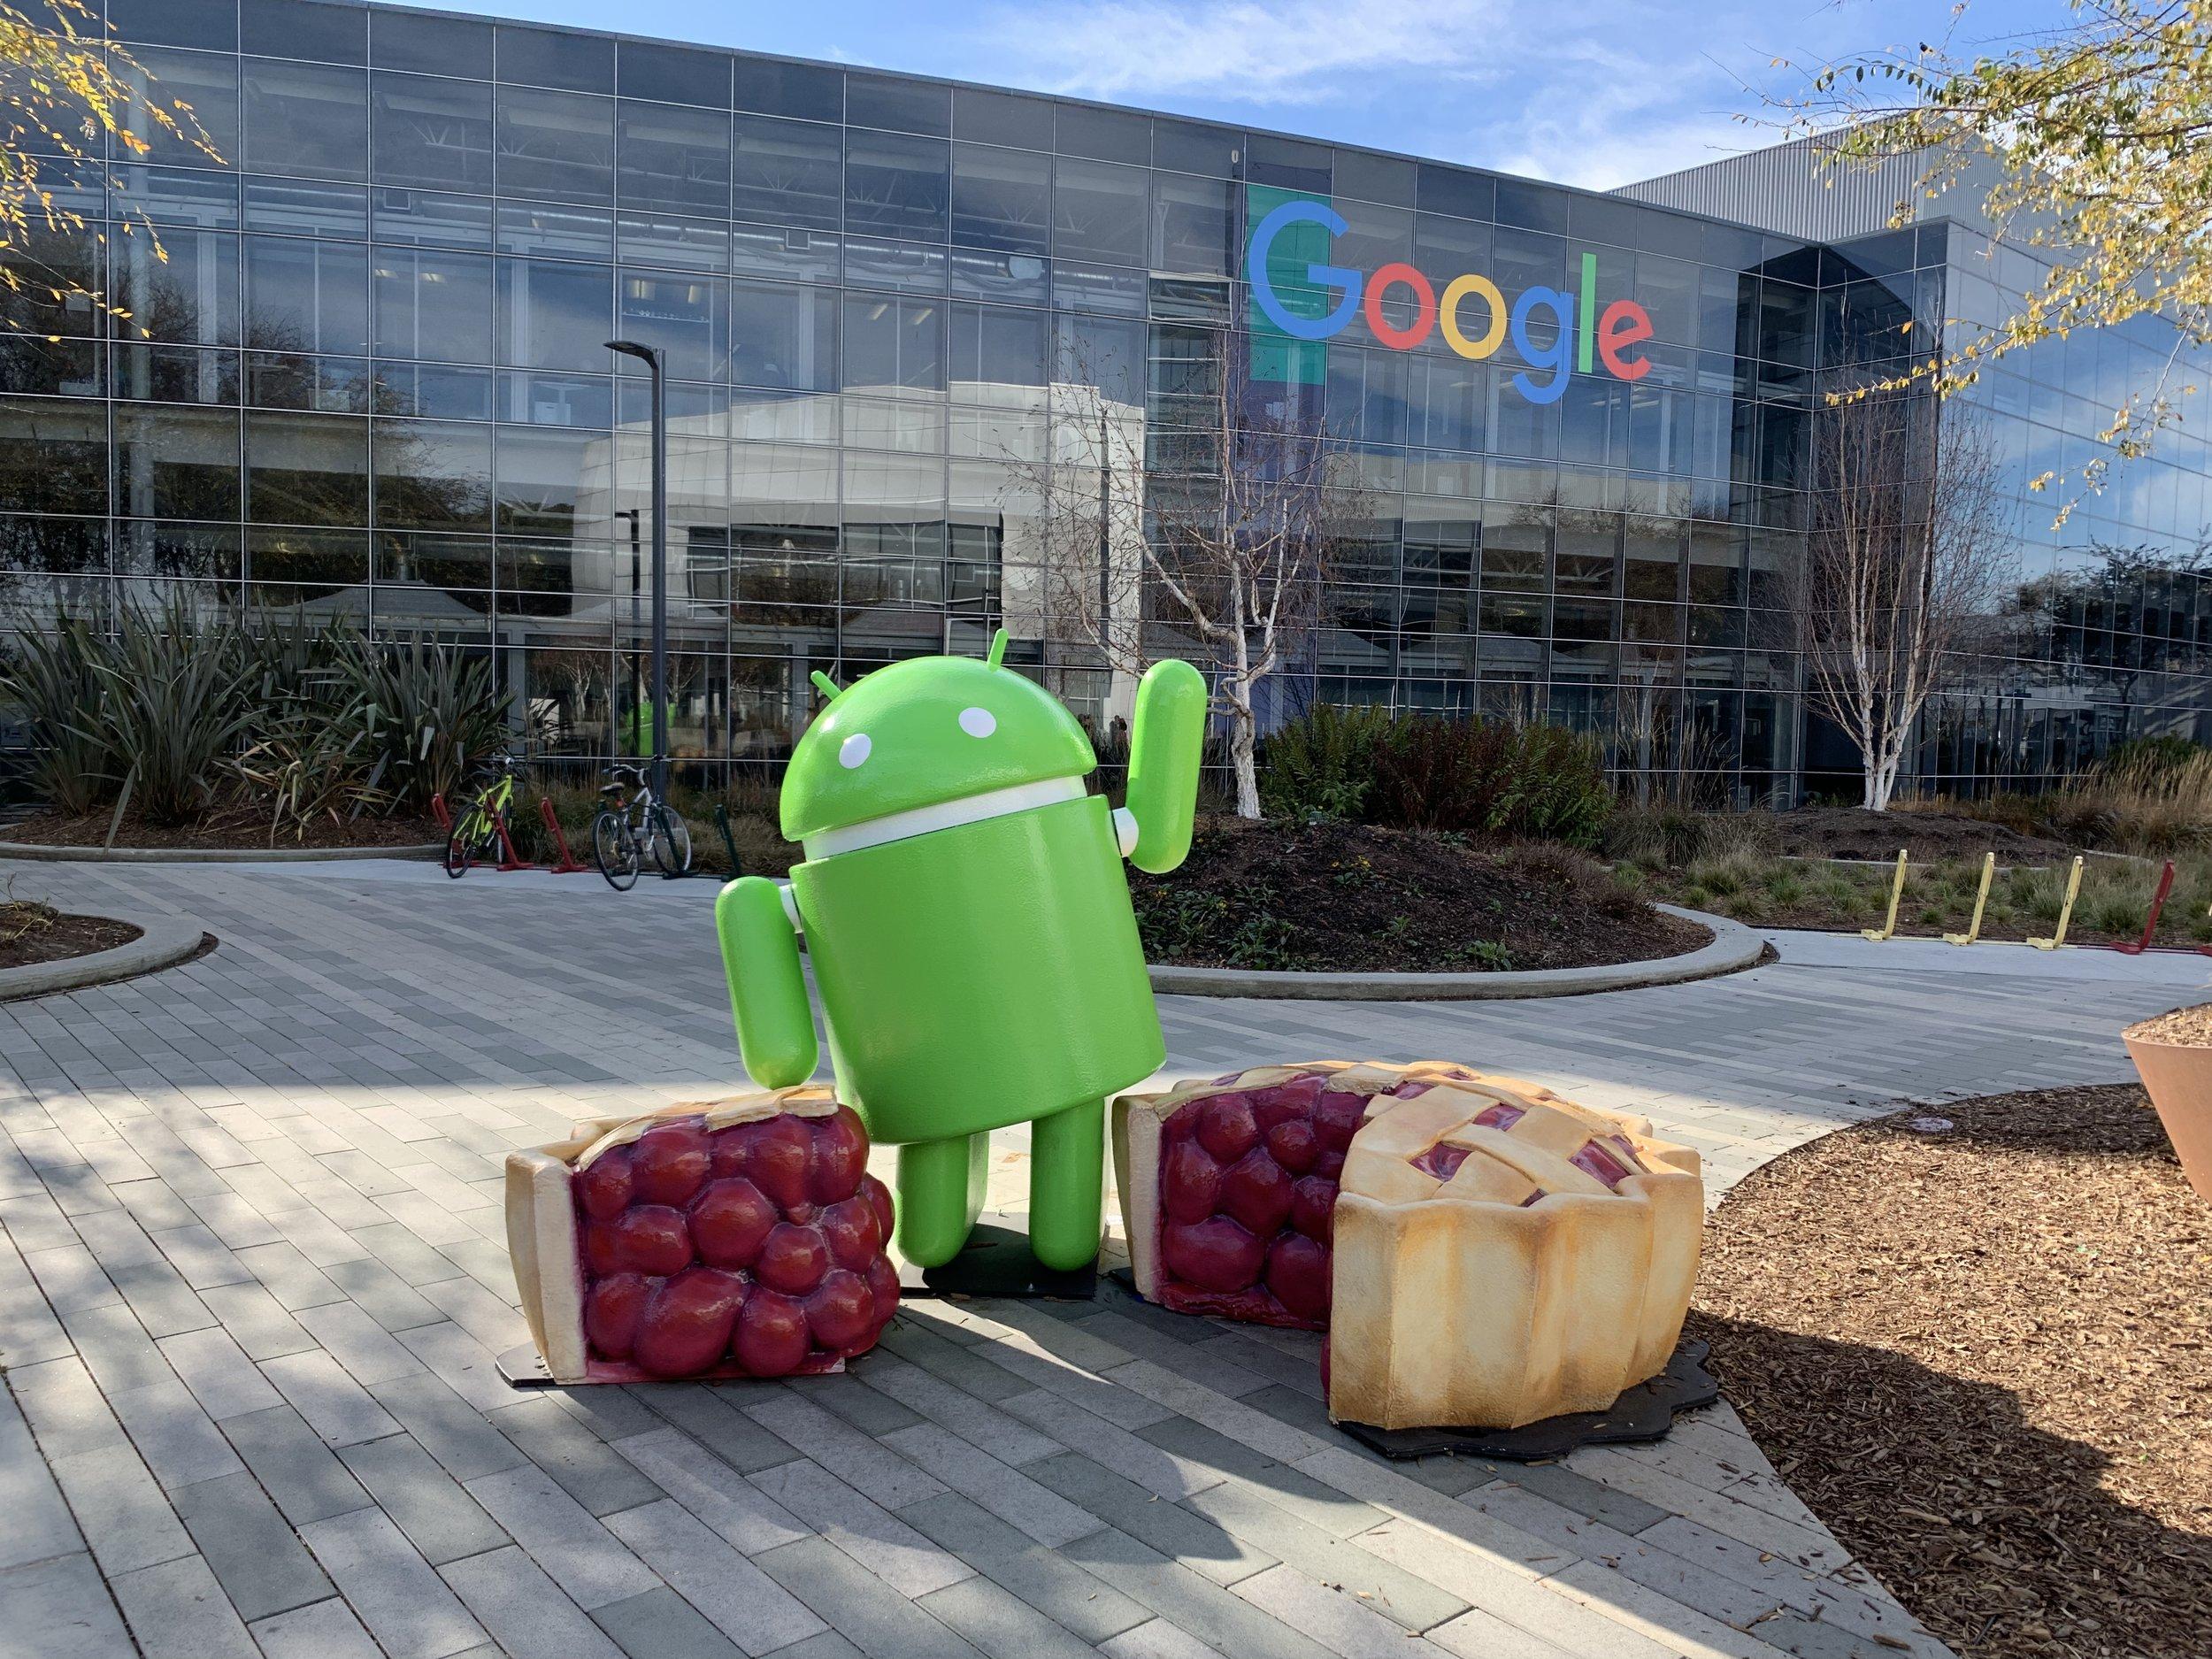 Esta fotografía la tomé en Googleplex, donde se encuentra el android de la versión en curso.